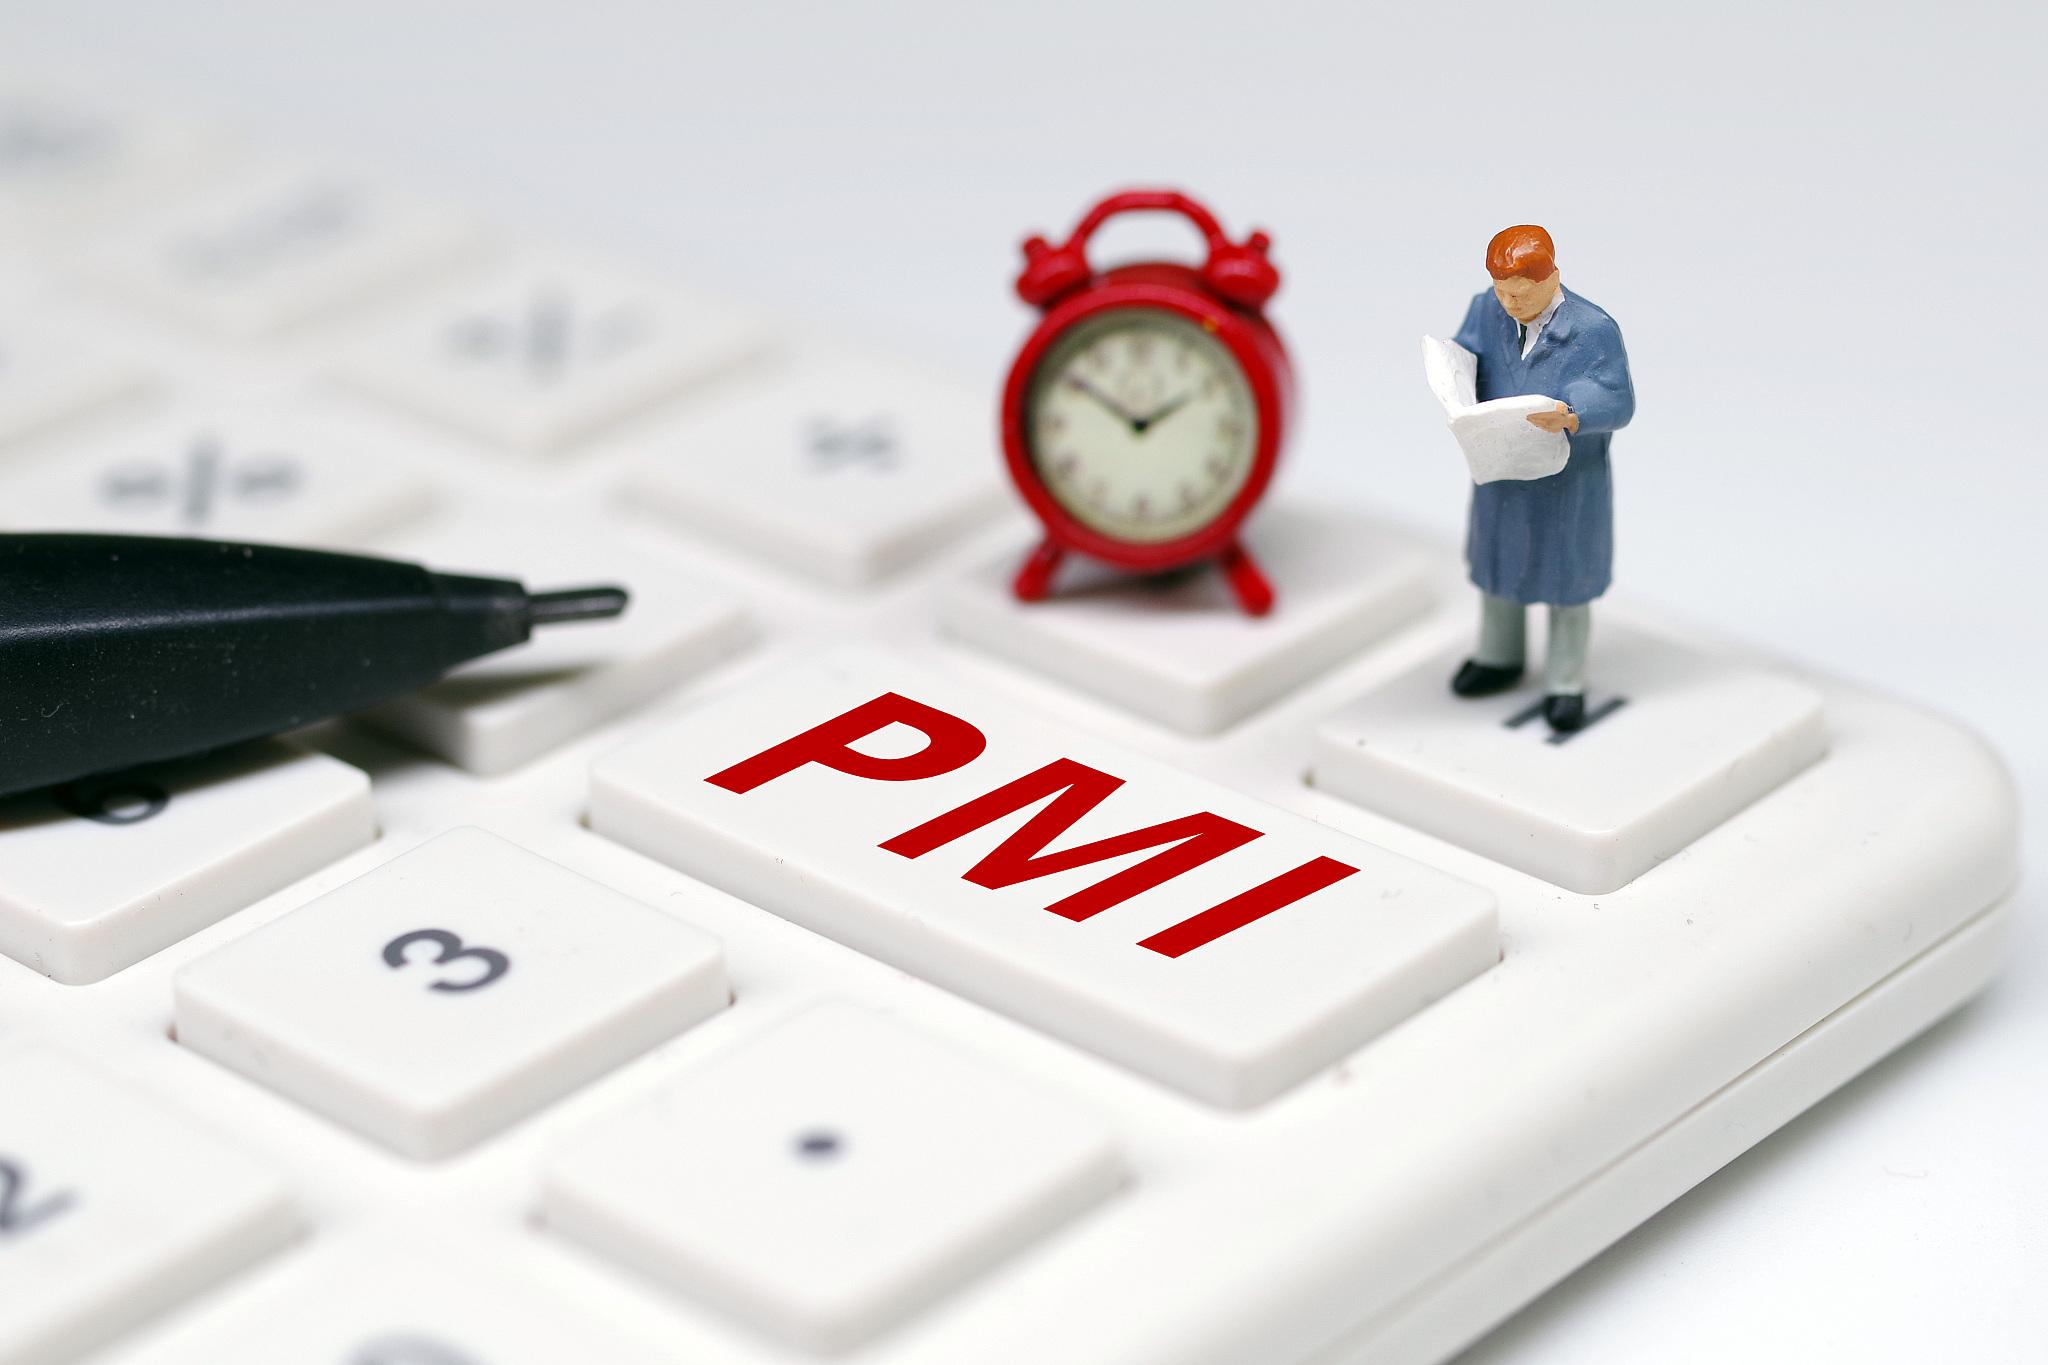 国家统计局:4月制造业PMI为51.1%继续保持在扩张区间